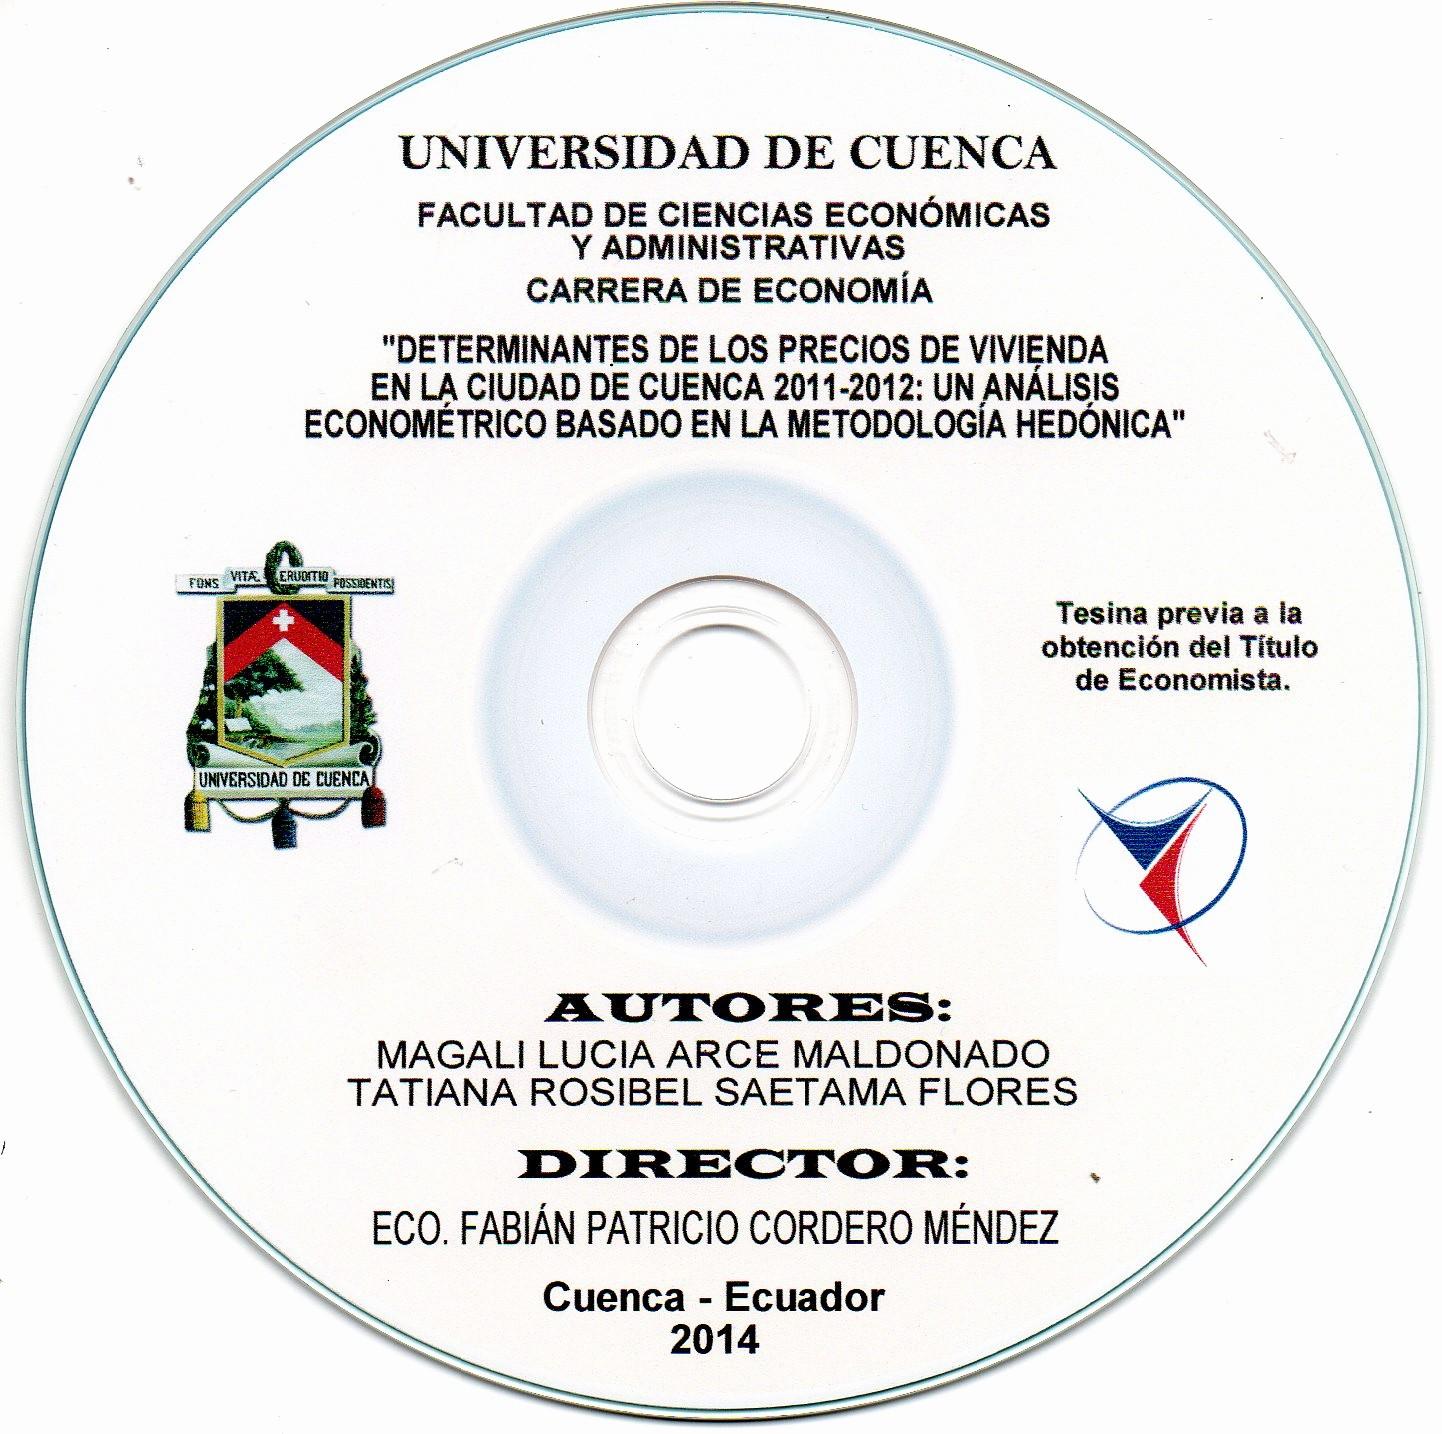 Formatos De Portadas Para Word Luxury Repositorio Digital De La Universidad De Cuenca formato